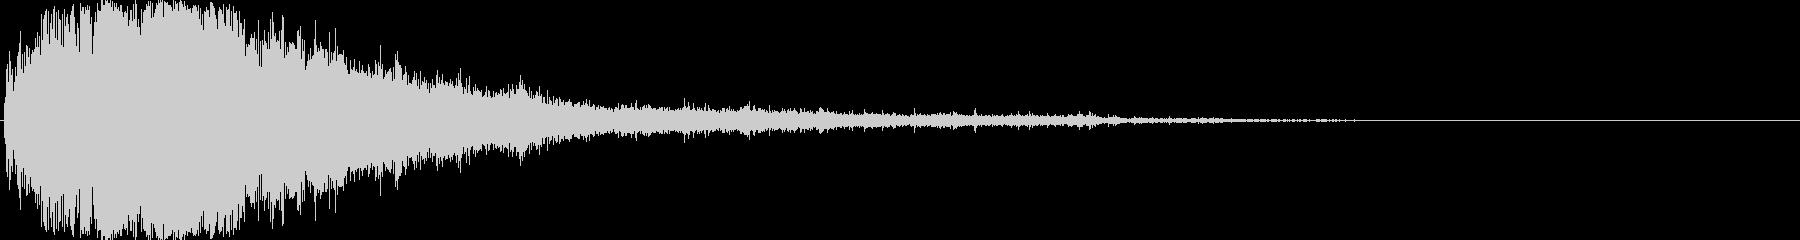 キラン☆シャキーン(水属性の魔法等)04の未再生の波形